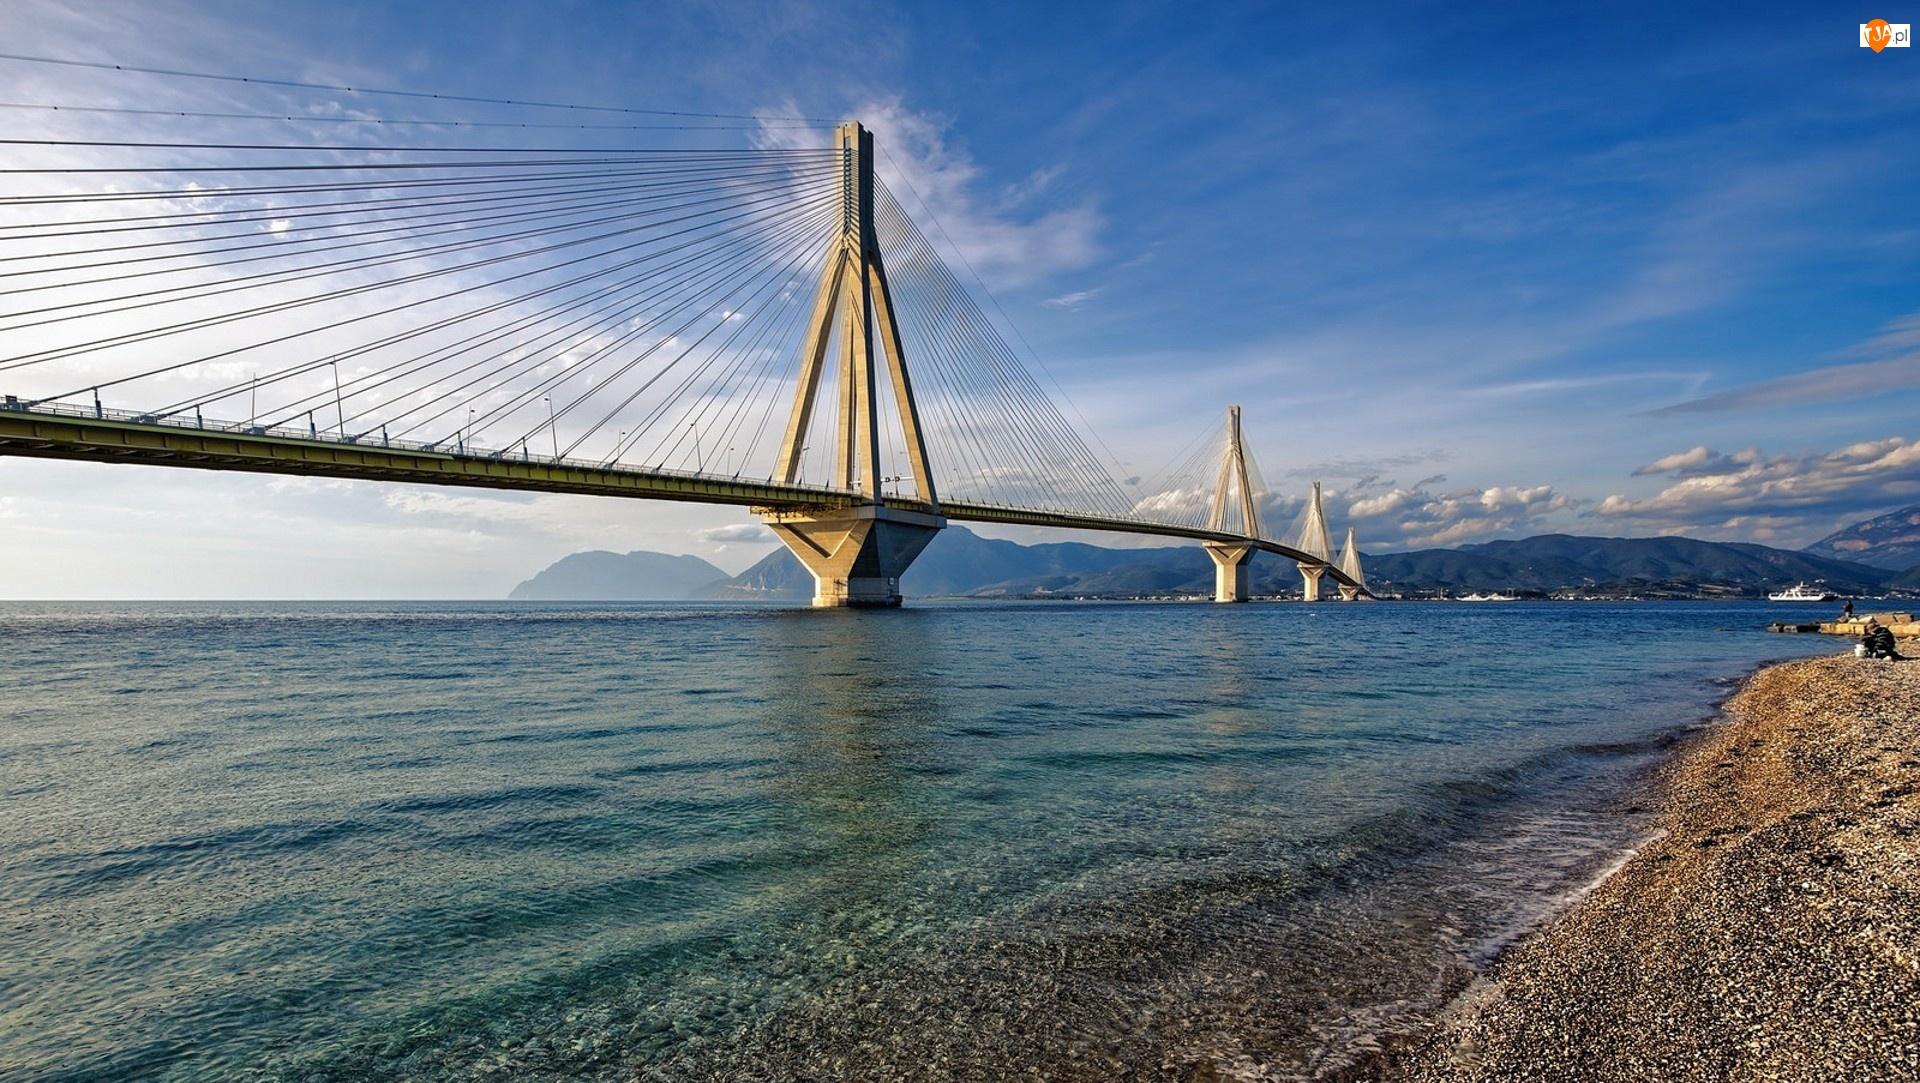 Góry, Grecja, Morze Jońskie, Cieśnina Rio-Andirio, Most wantowy Rio – Andirio